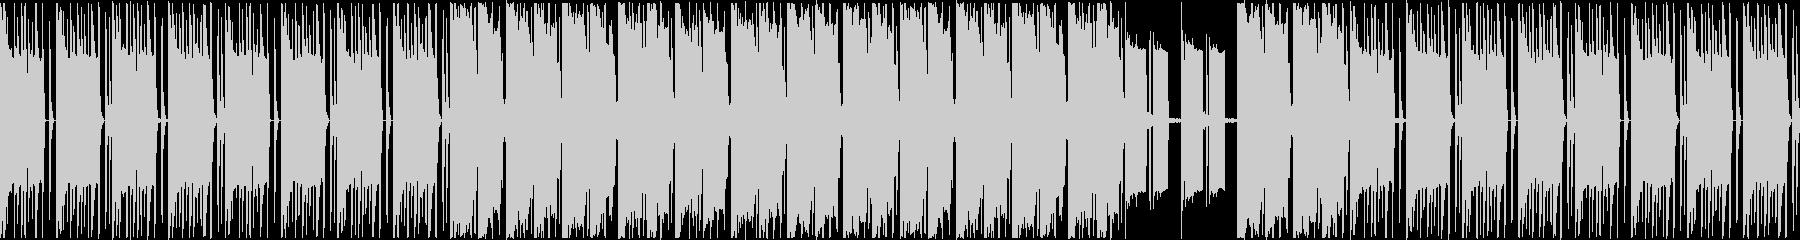 スローモーションなギャング風ビートの未再生の波形